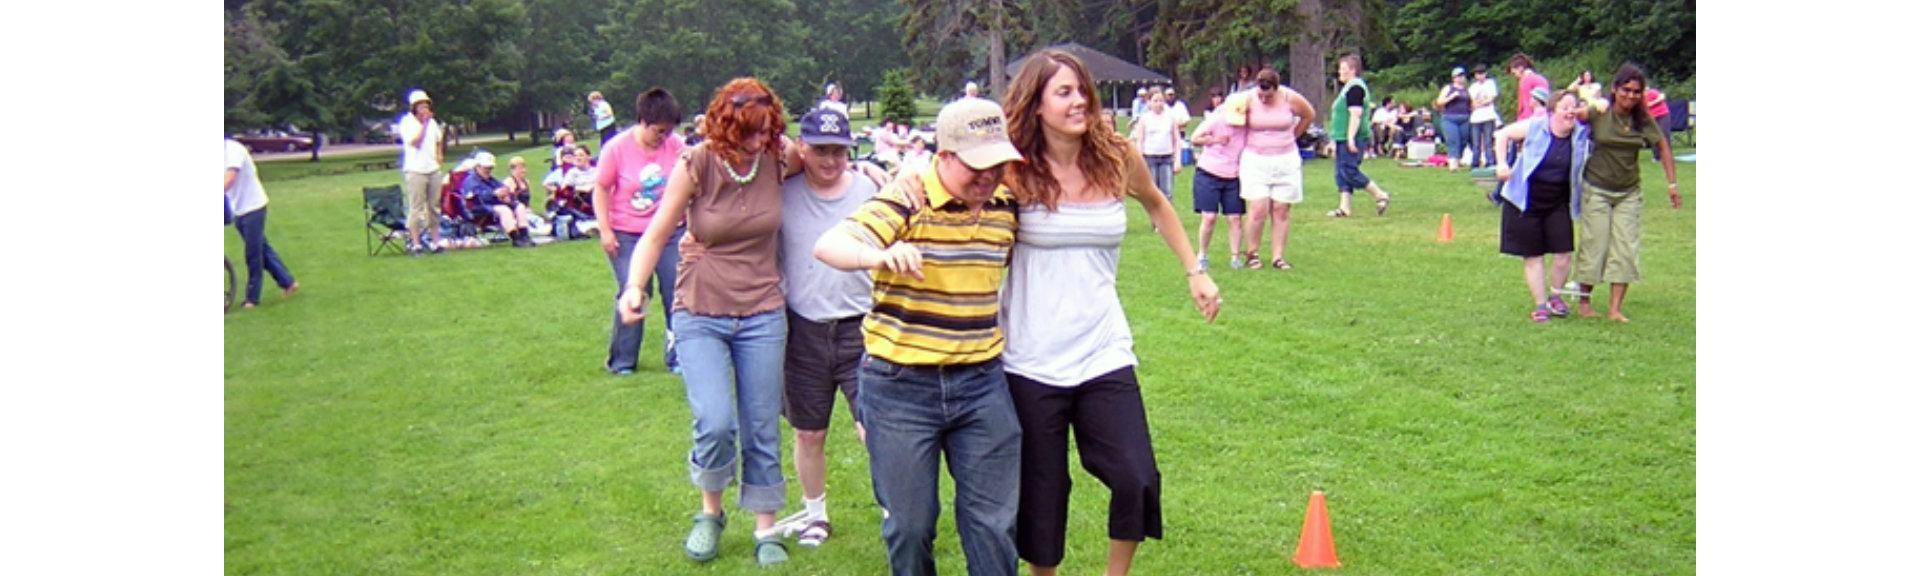 Group of adults having fun